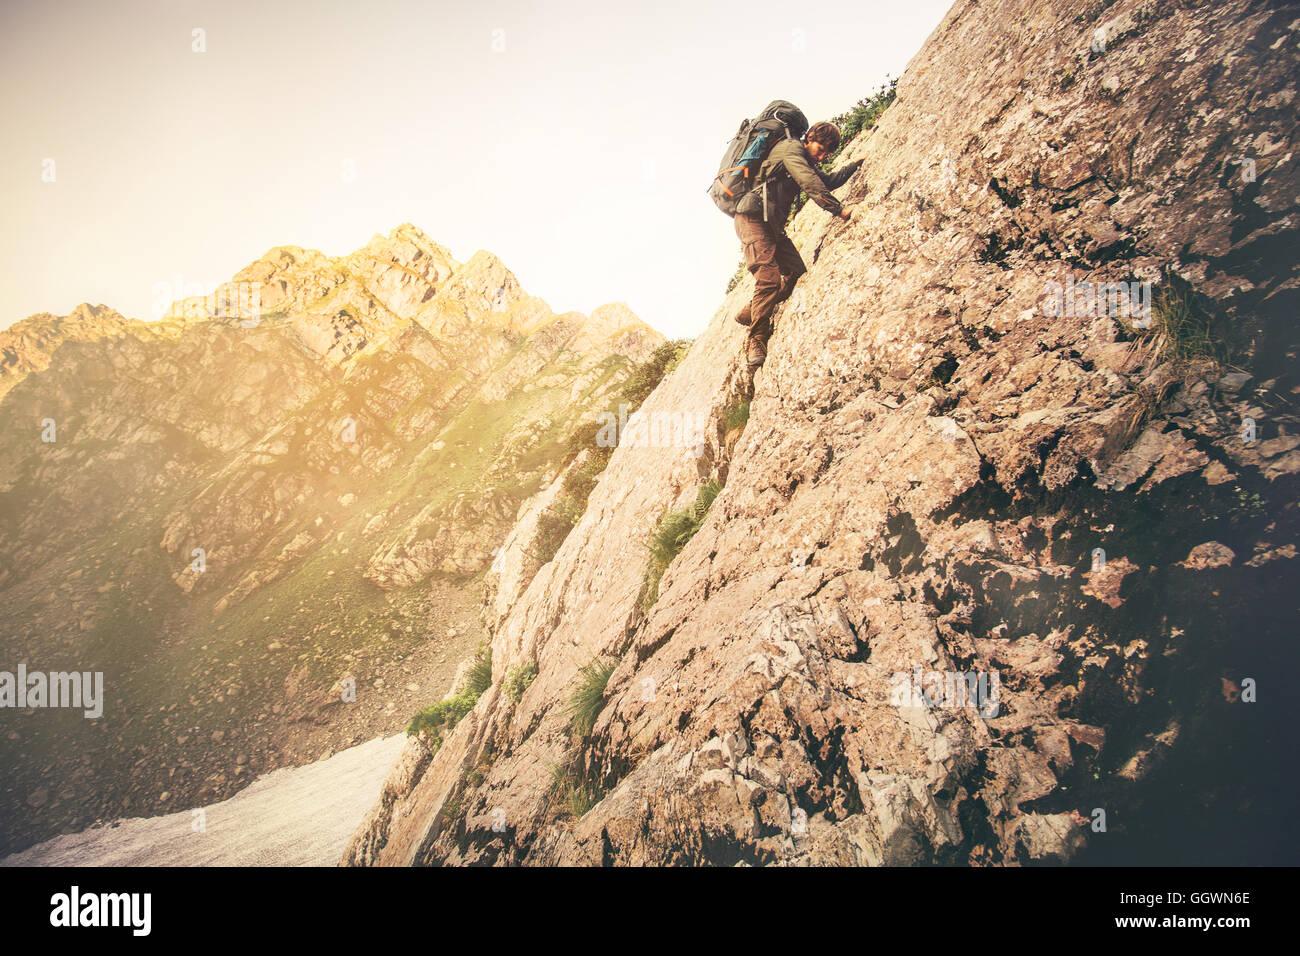 Mann-Reisenden mit großen Rucksack Klettern auf Felsen Reisen Lifestyle Konzept Berge Landschaft im Hintergrund Stockbild